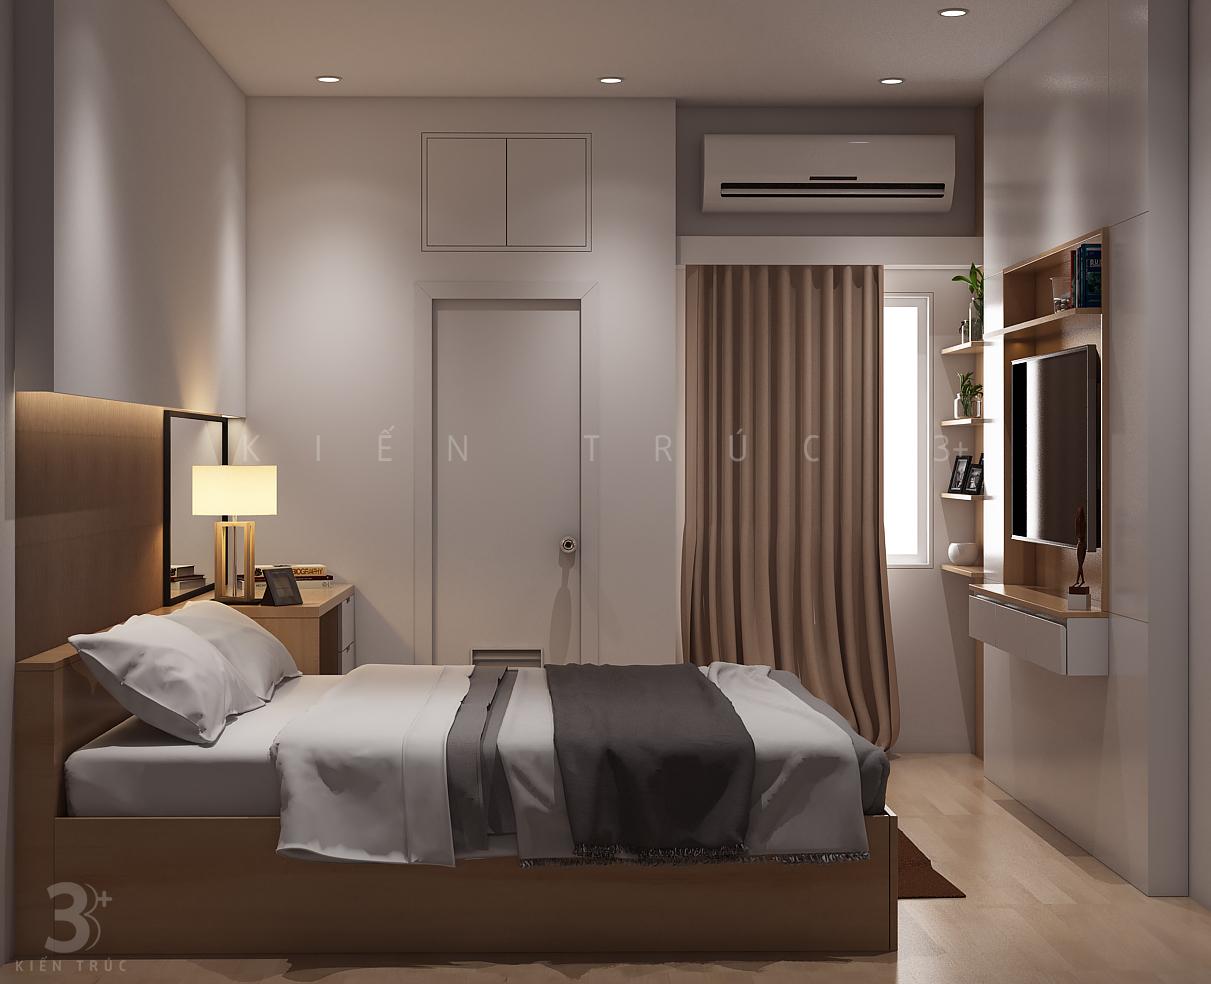 thiet-ke-noi-that-nha-chi-huong-9 Thiết kế nội thất phòng ngủ chung cư Goldmark City 136 Hồ Tùng Mậu - C Hường